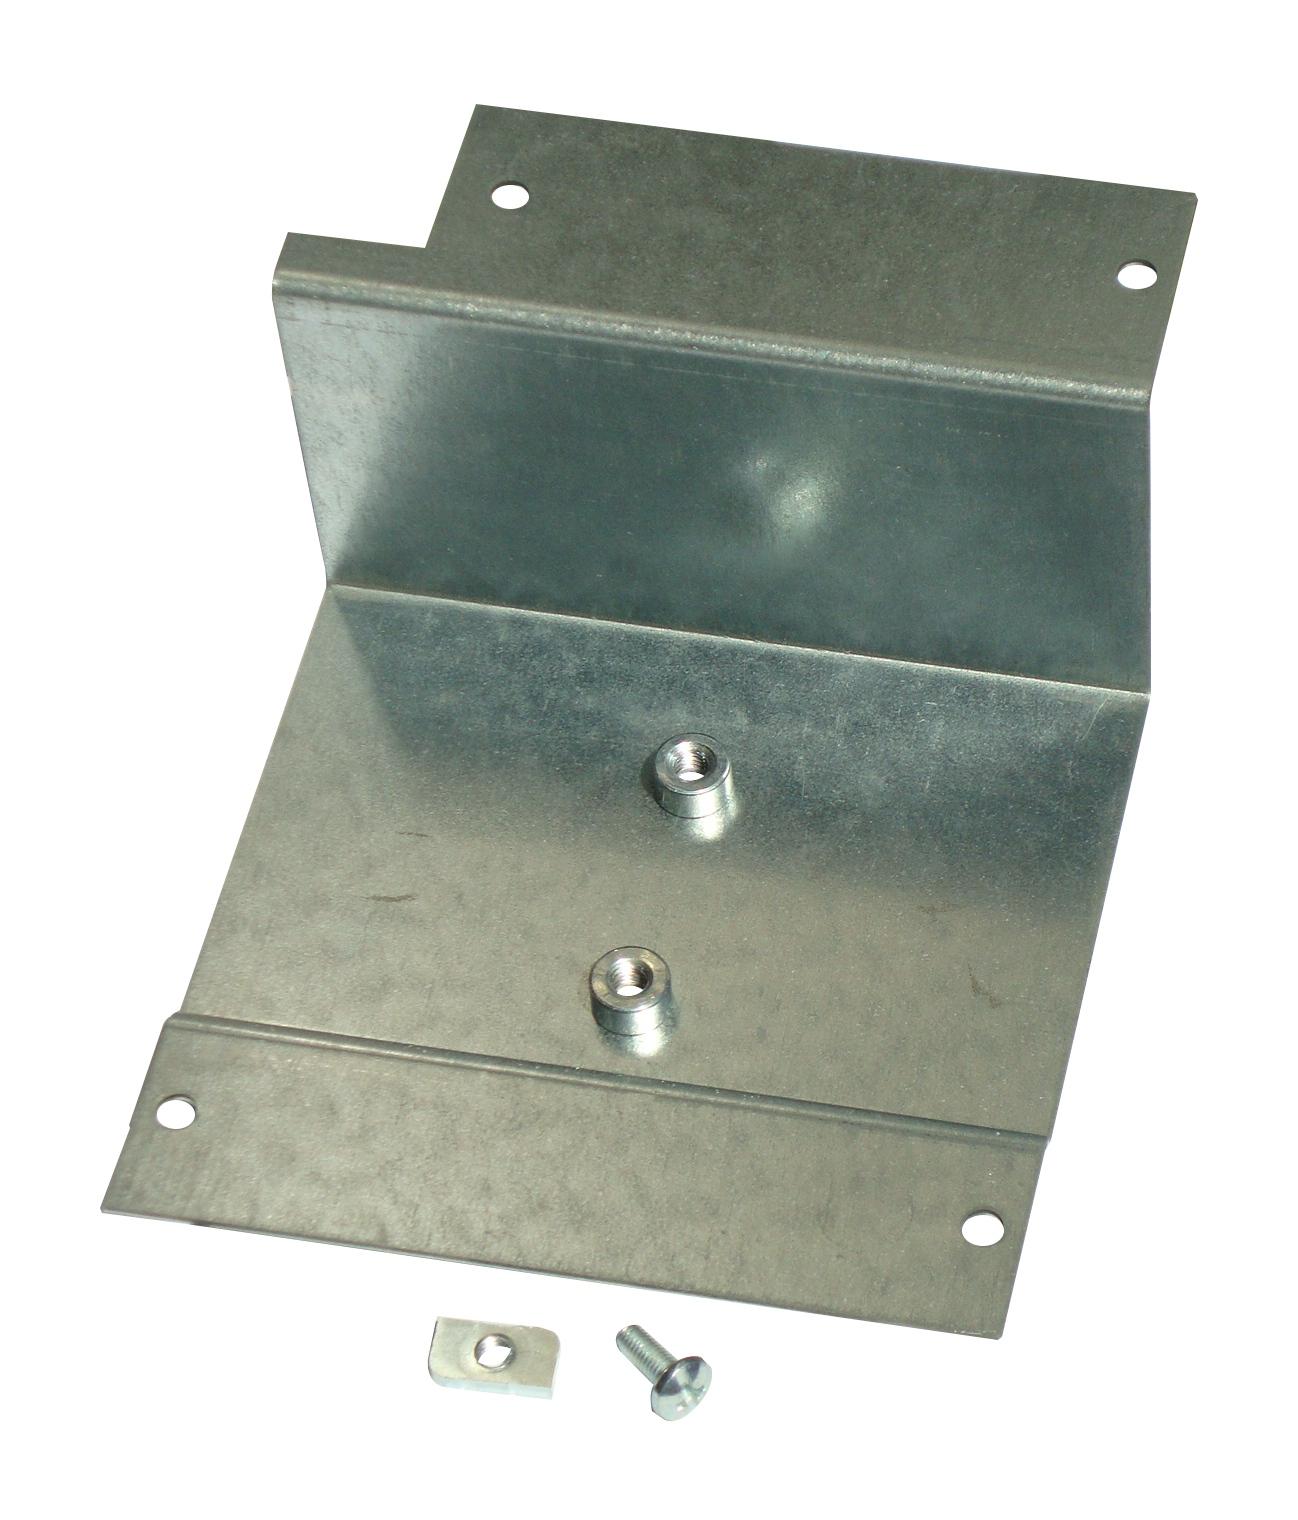 1 Stk Trennerwinkel für Eco-Verteiler IL900460--